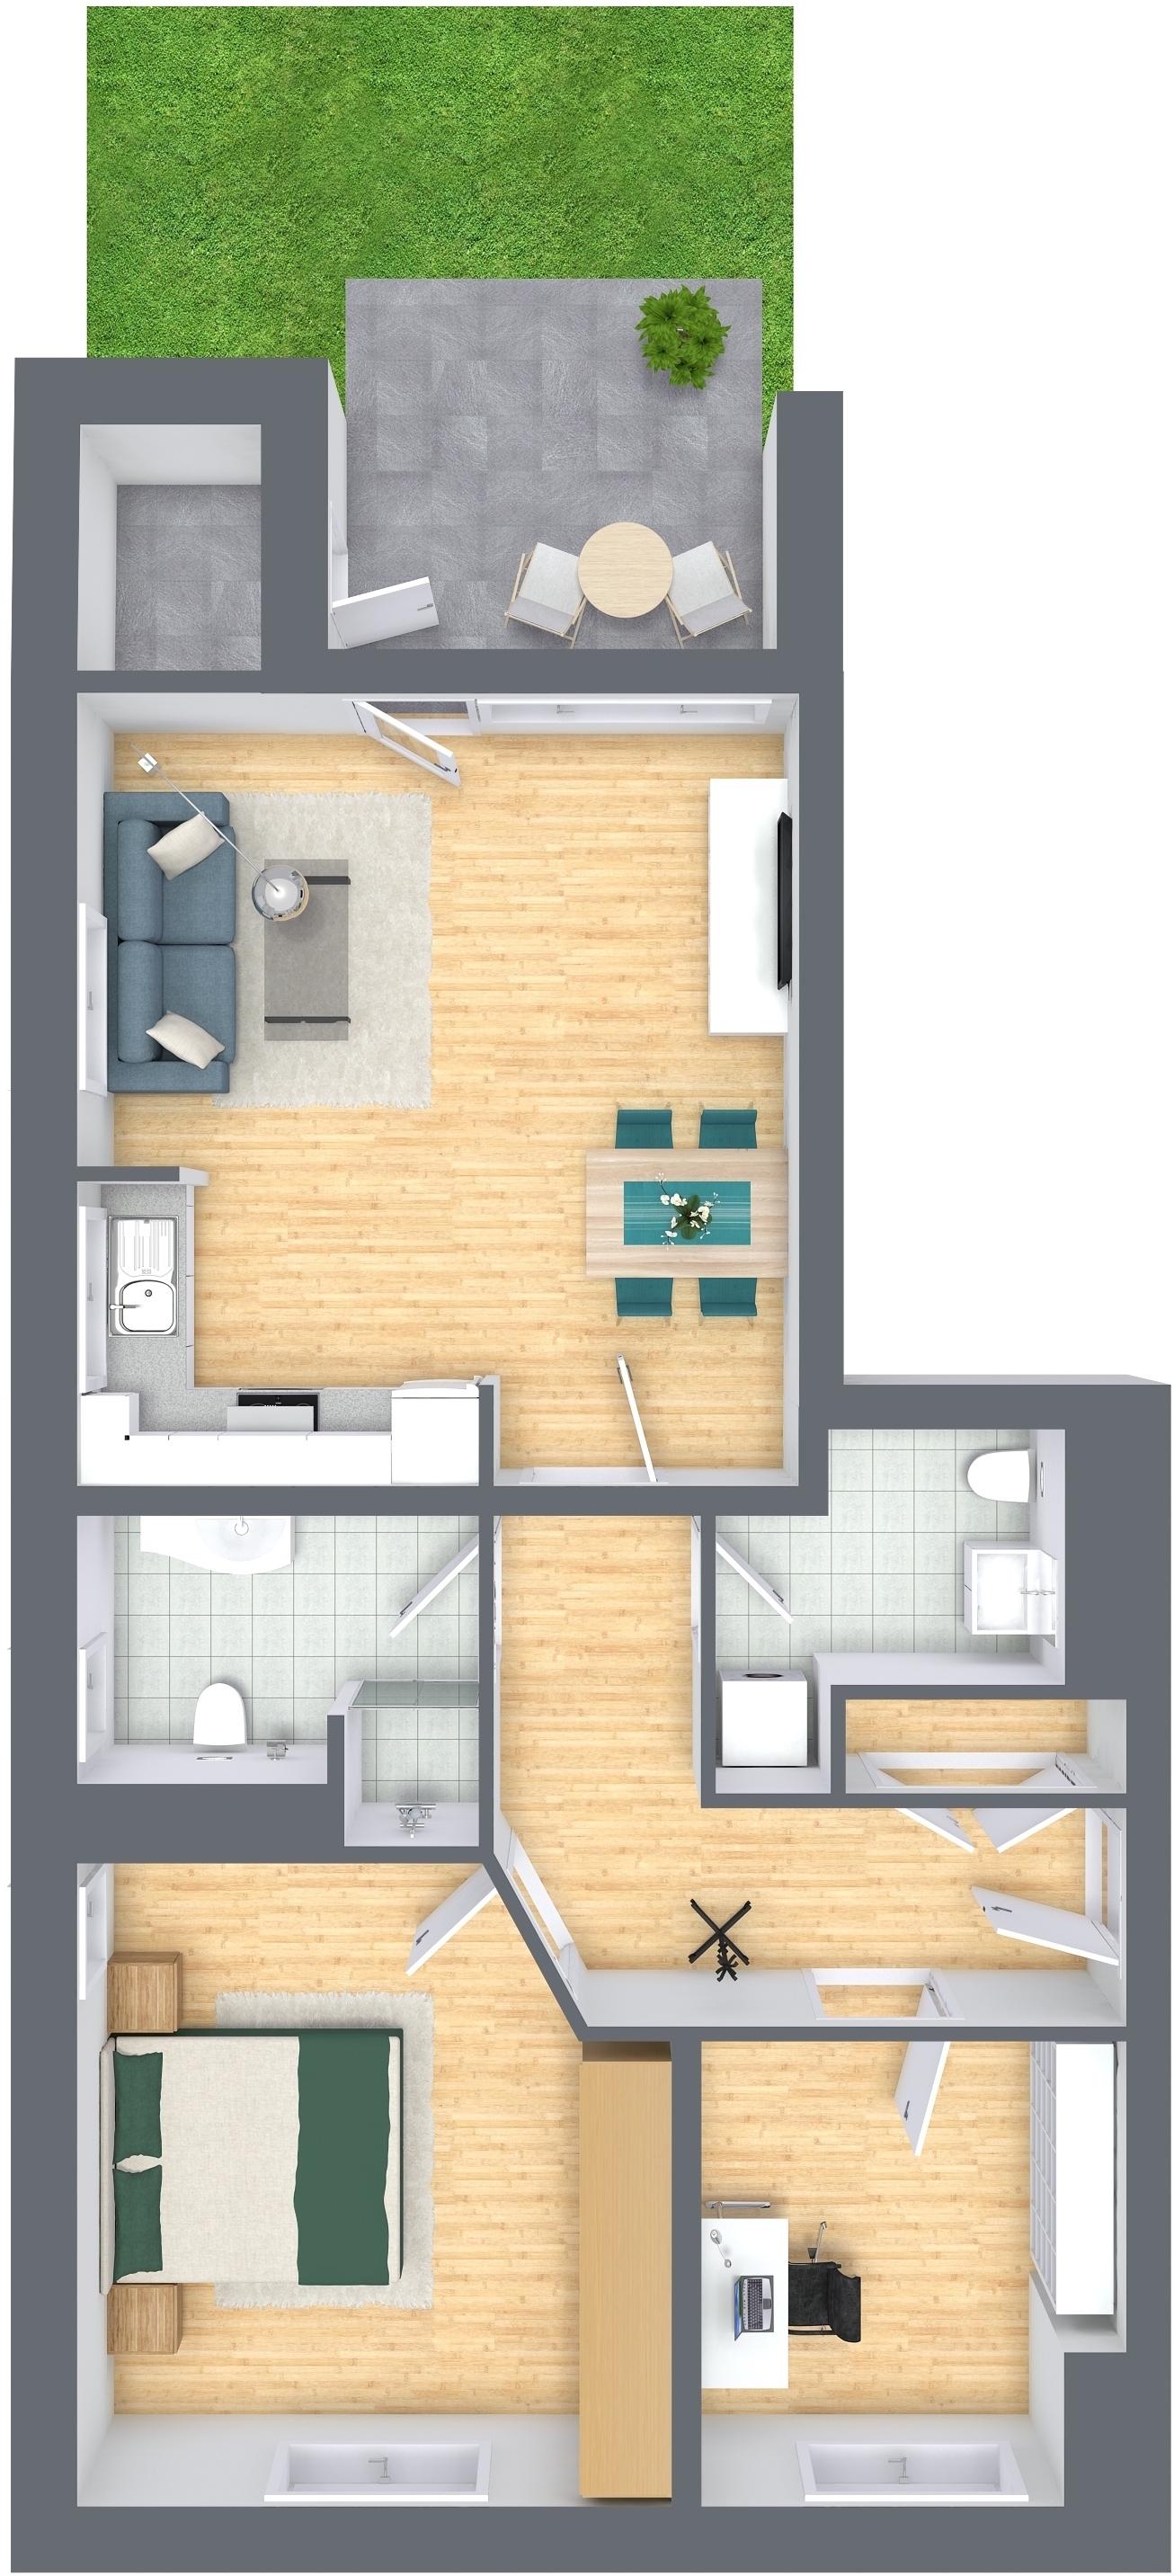 der klassiker a1 oliver klenz der immobilienprofi. Black Bedroom Furniture Sets. Home Design Ideas